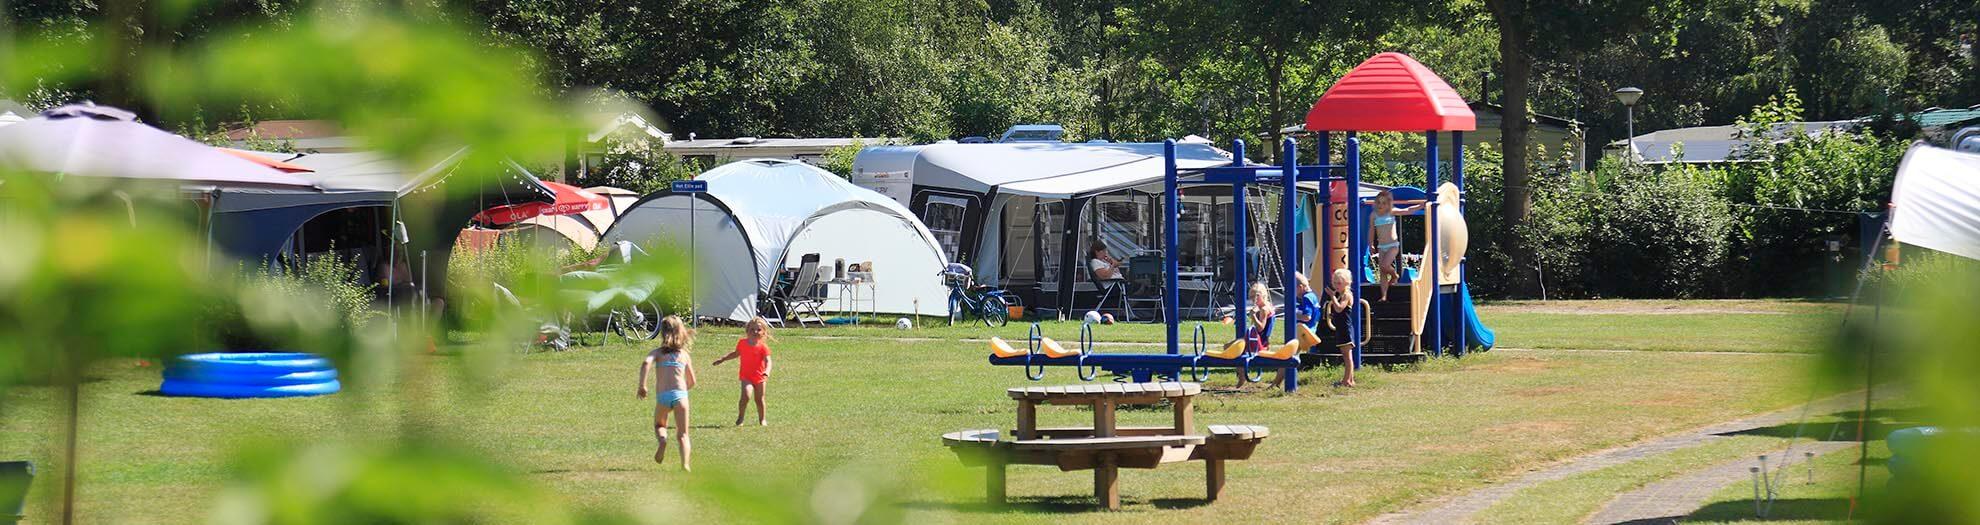 Kamperen in Overijssel op kindvriendelijke camping in Heino